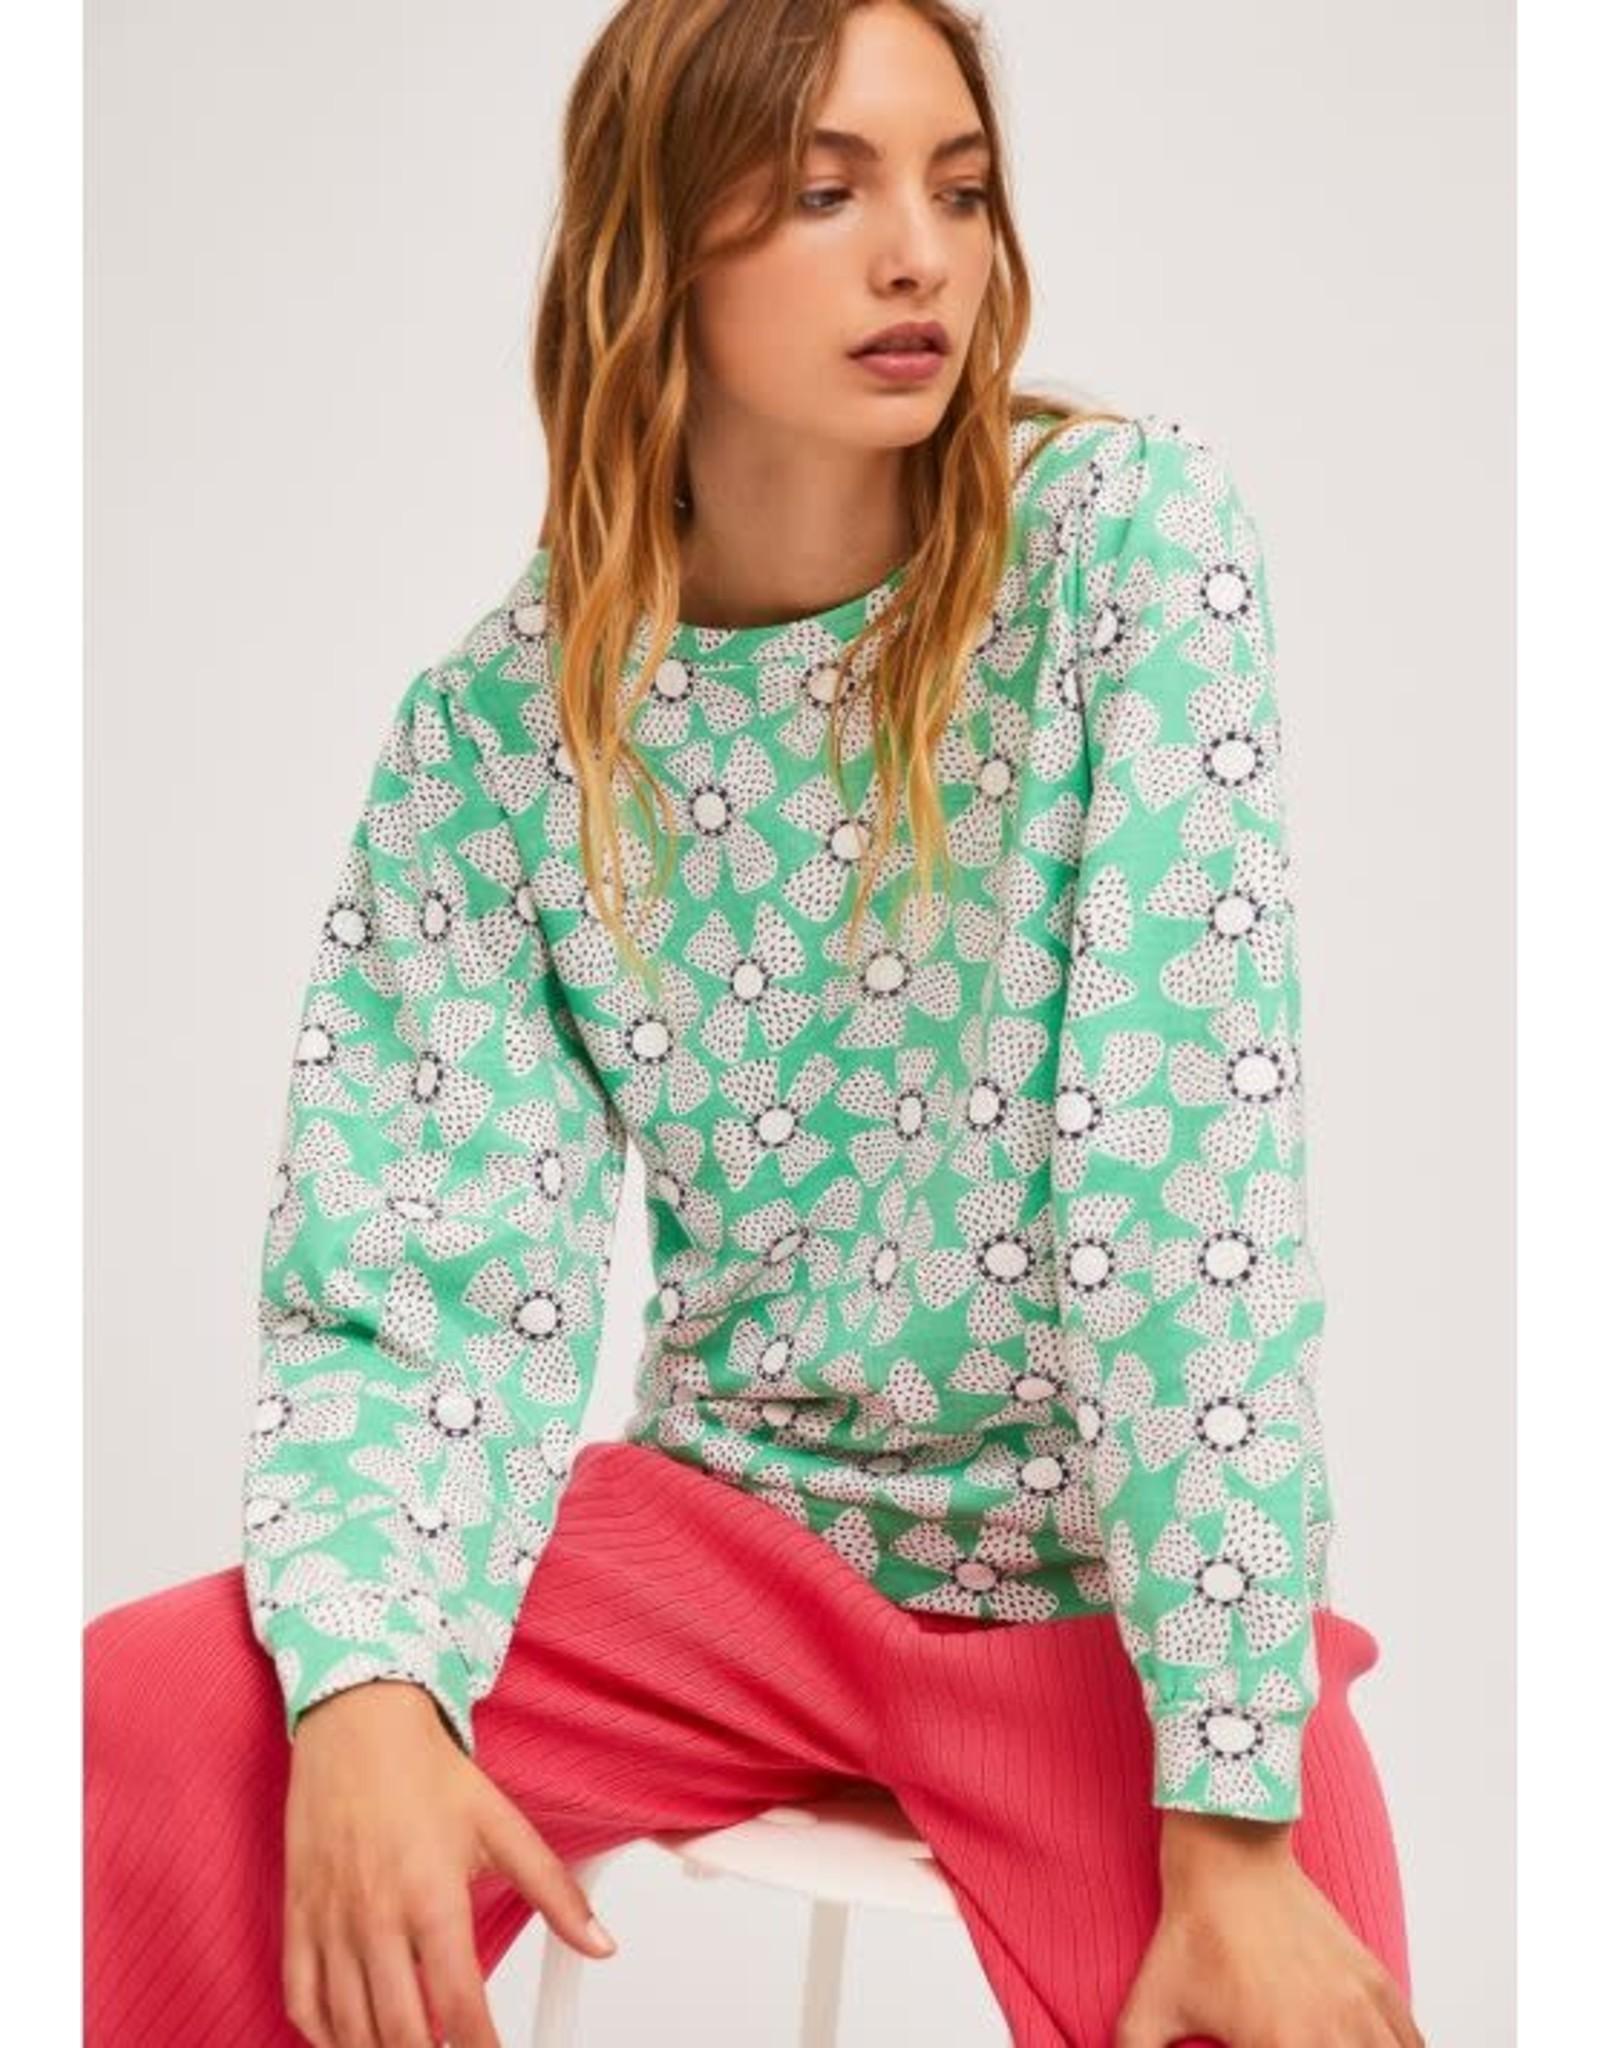 Compania Fantastica Compania Fantastica - Floral print sweatshirt (mint)